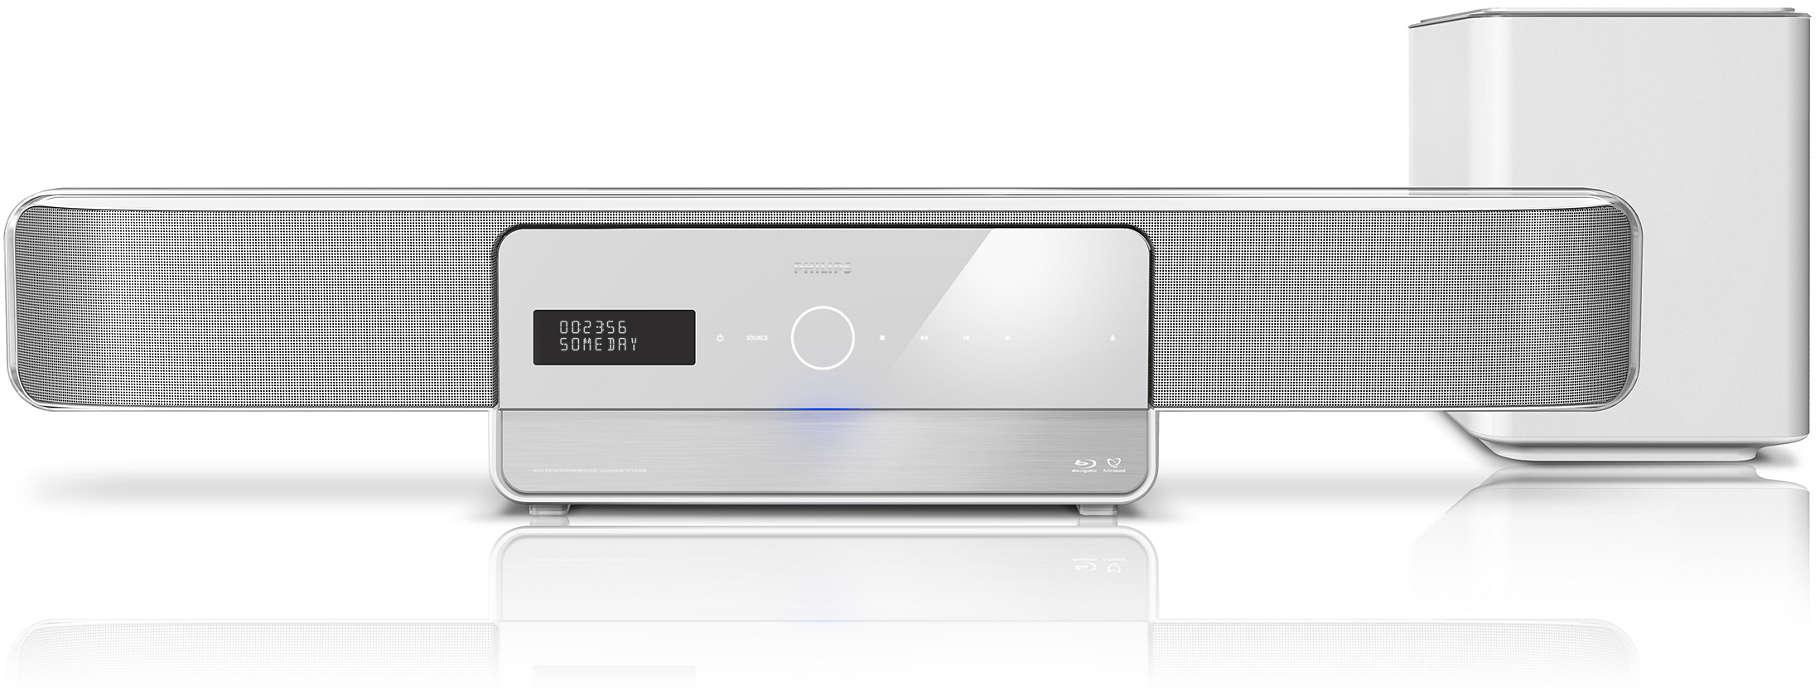 Объемный HD звук из одного источника